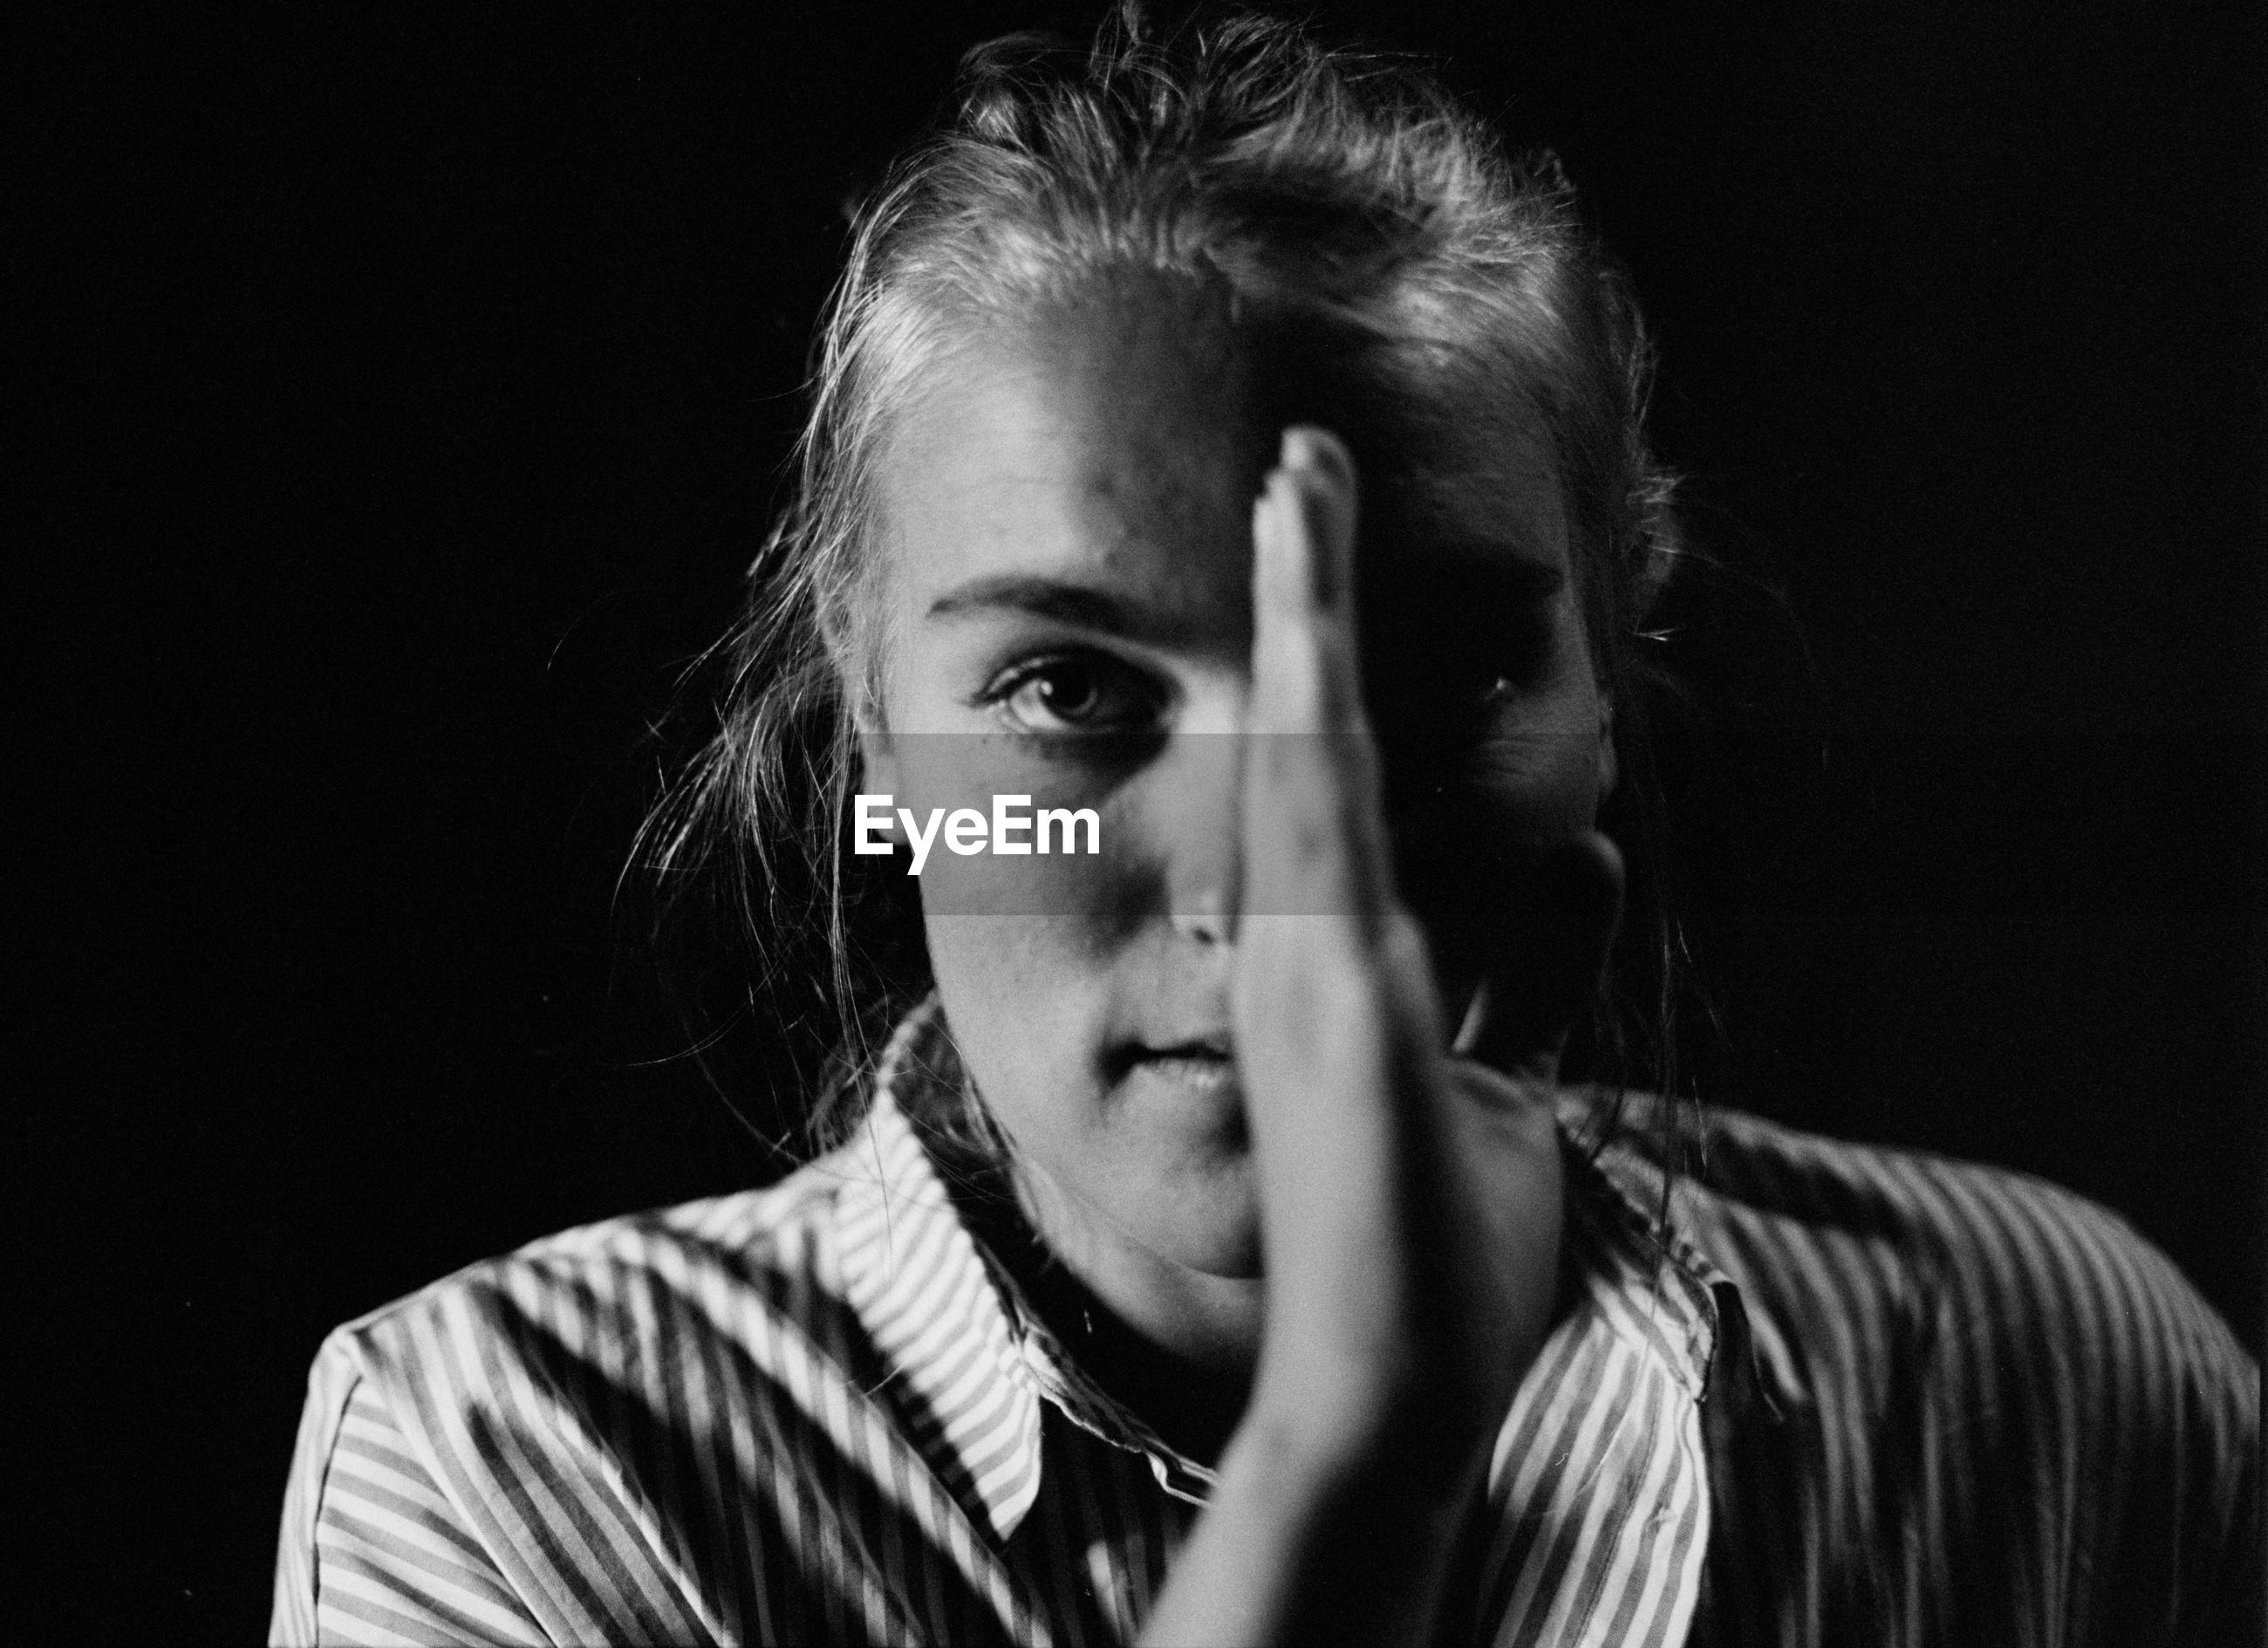 Close-up portrait woman against black background